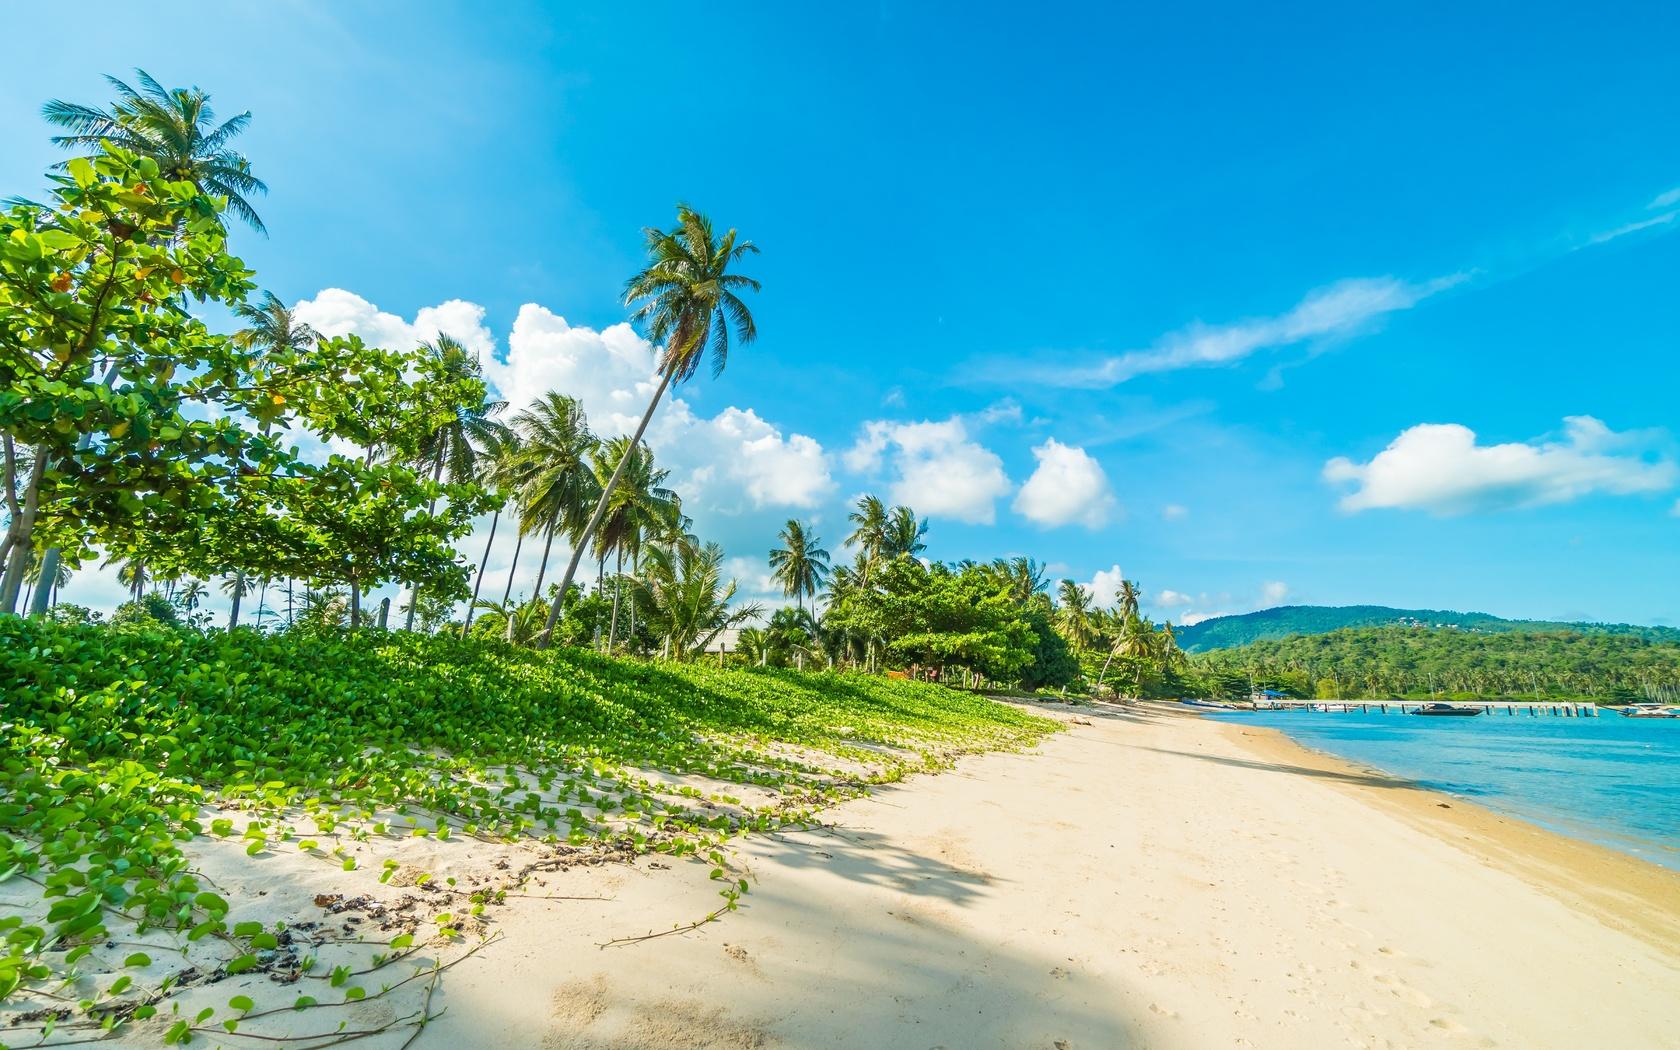 тропики, пейзажи, лето, море, пальмы, берег, песок